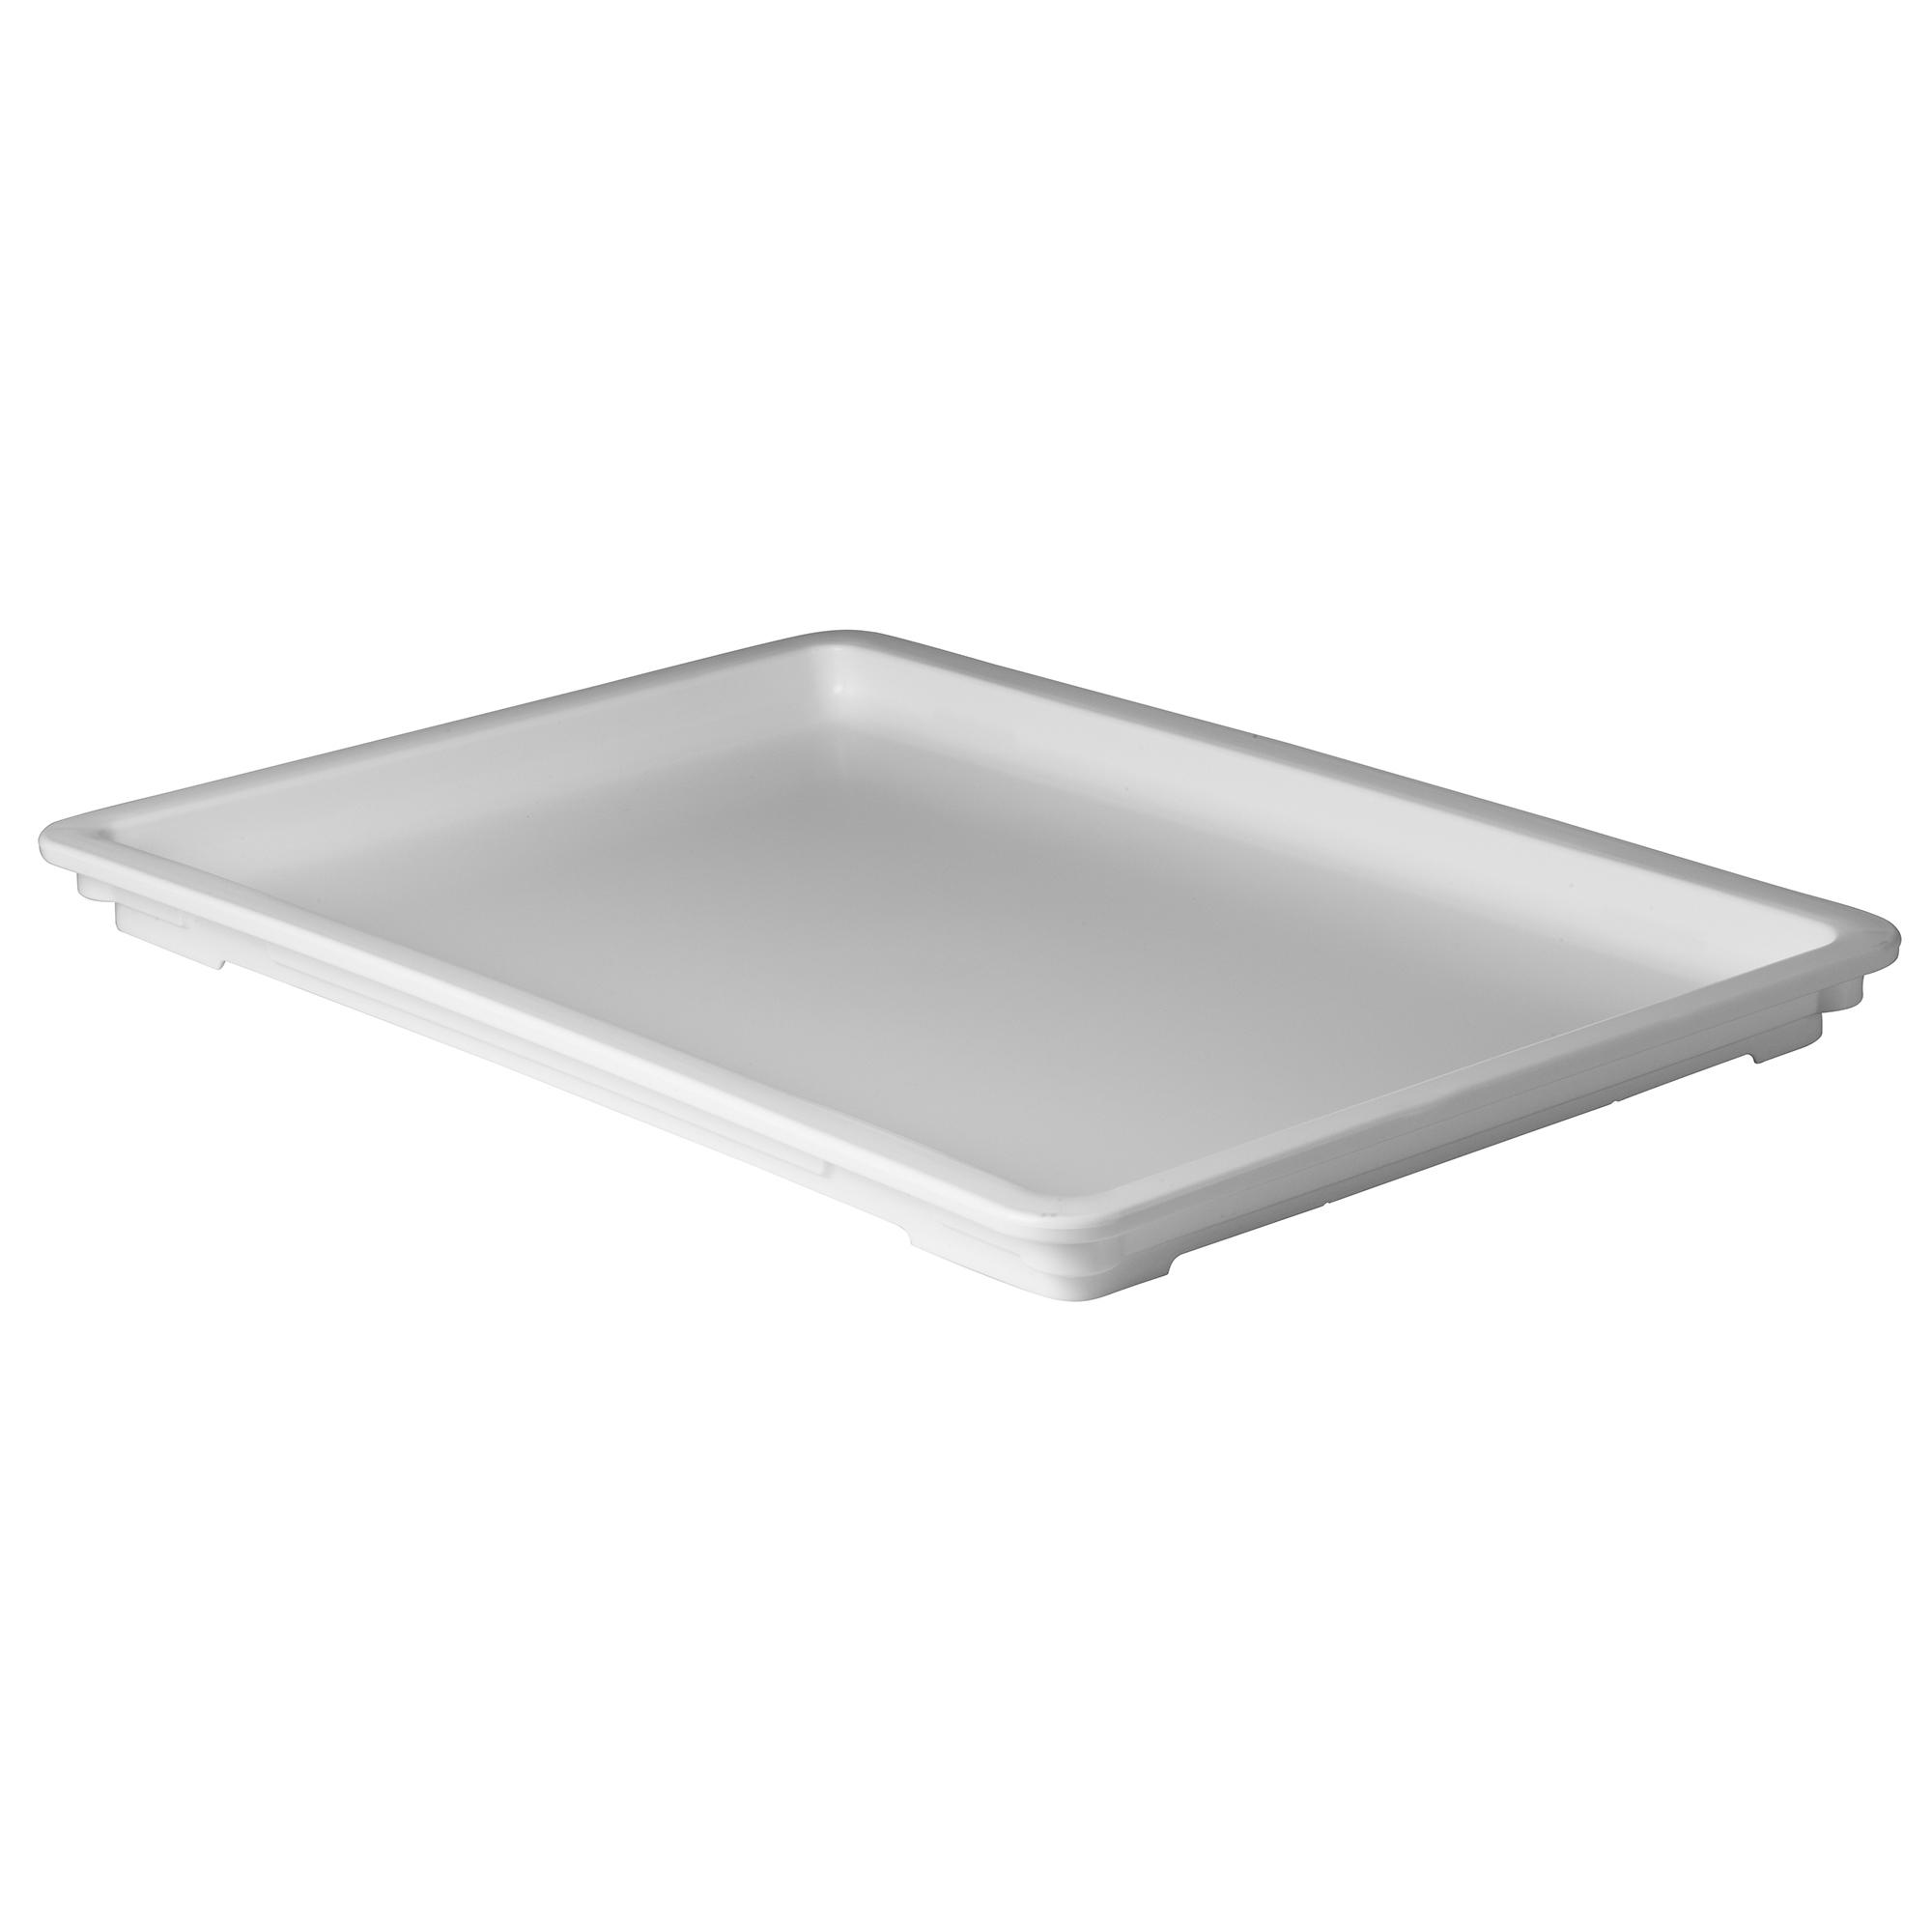 2100-64 Winco PL-36NC dough proofing retarding pans / boxes